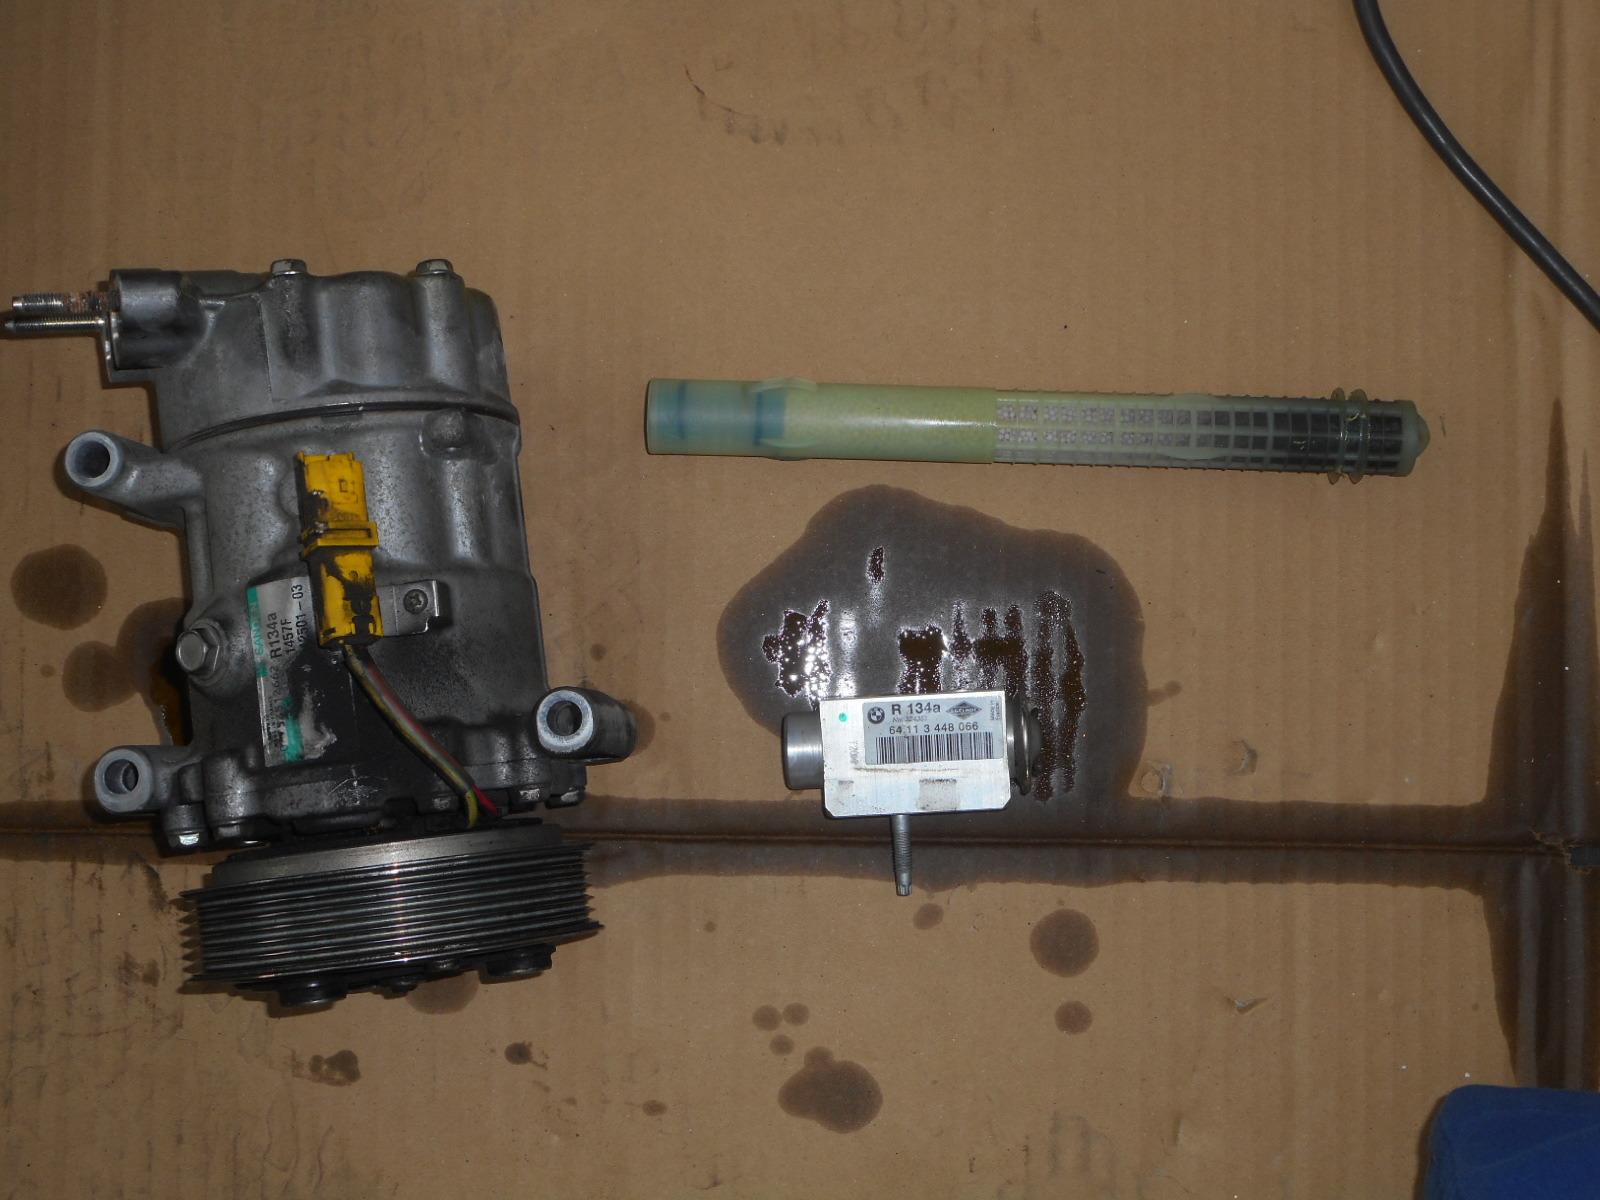 BMWミニ(R56)エンジンチェックランプ点灯修理とエアコン修理_c0267693_18364651.jpg